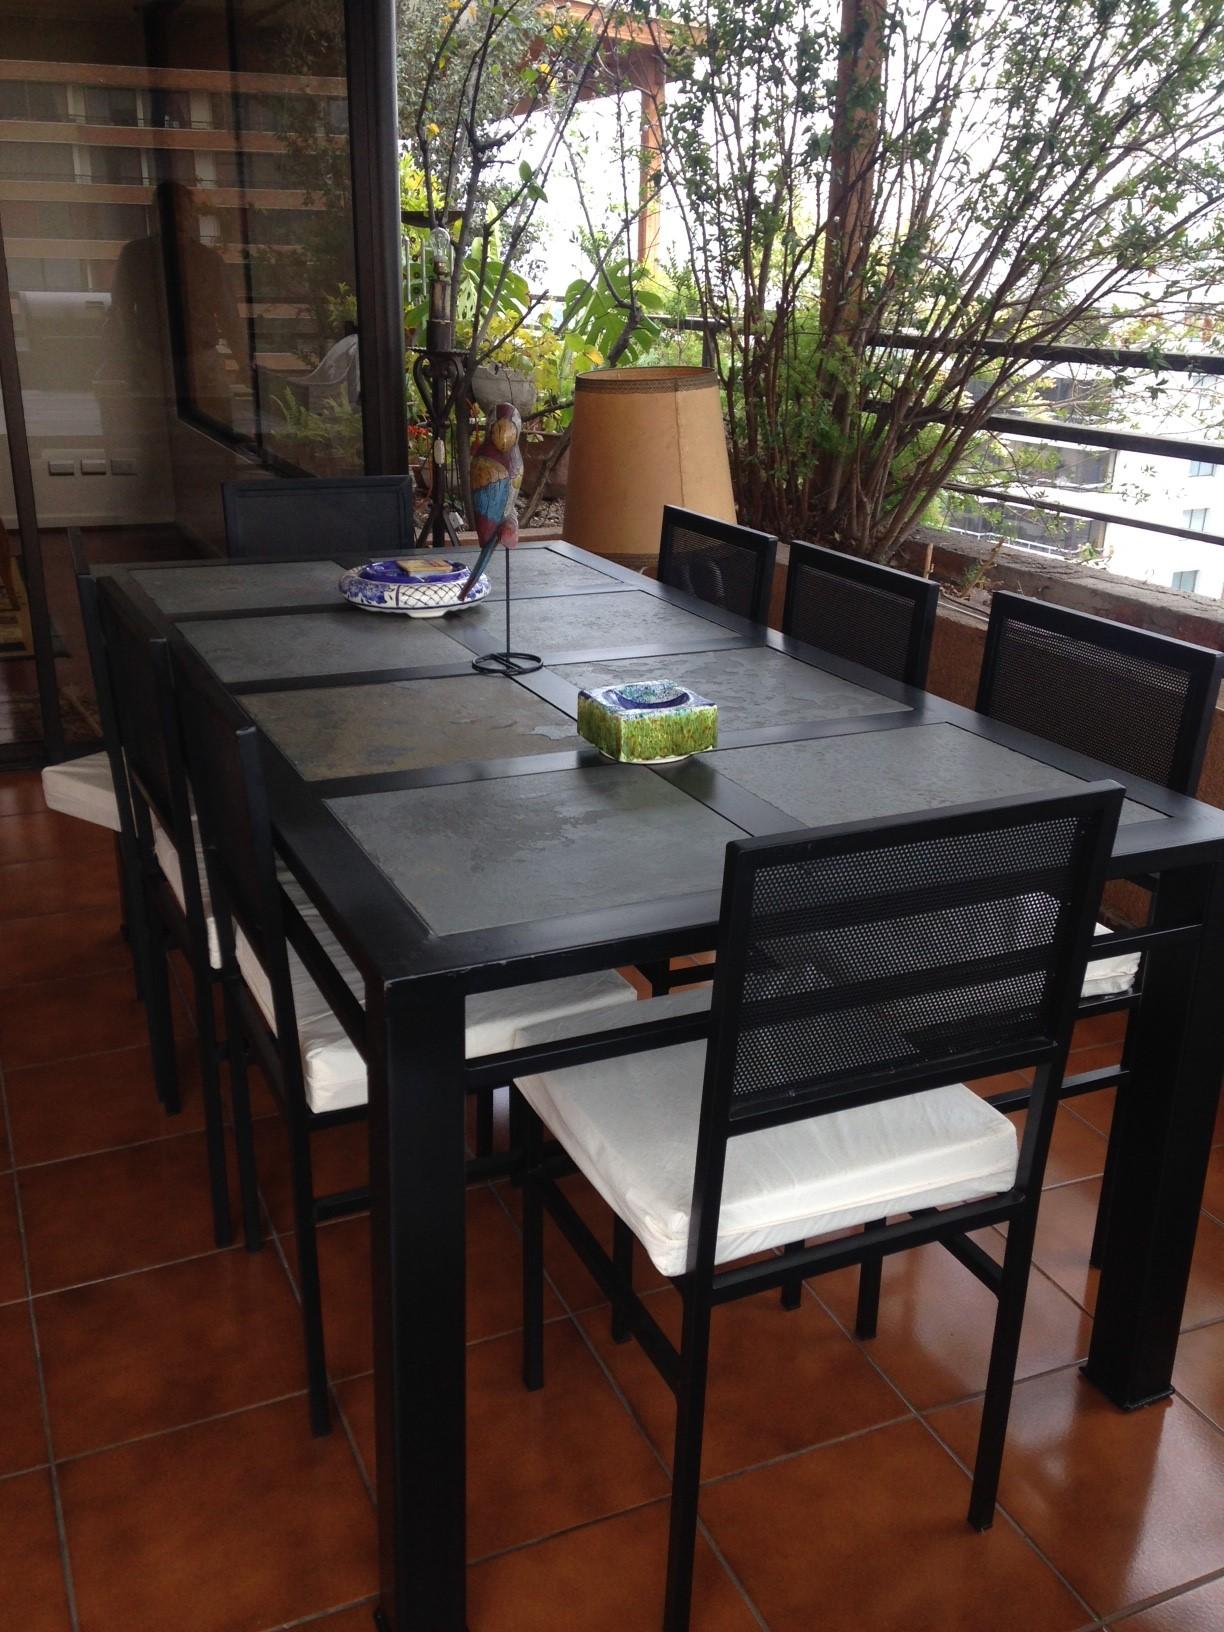 Comedor de fierro modelo puente alto 8 sillas rusti home for Comedores exteriores para terrazas